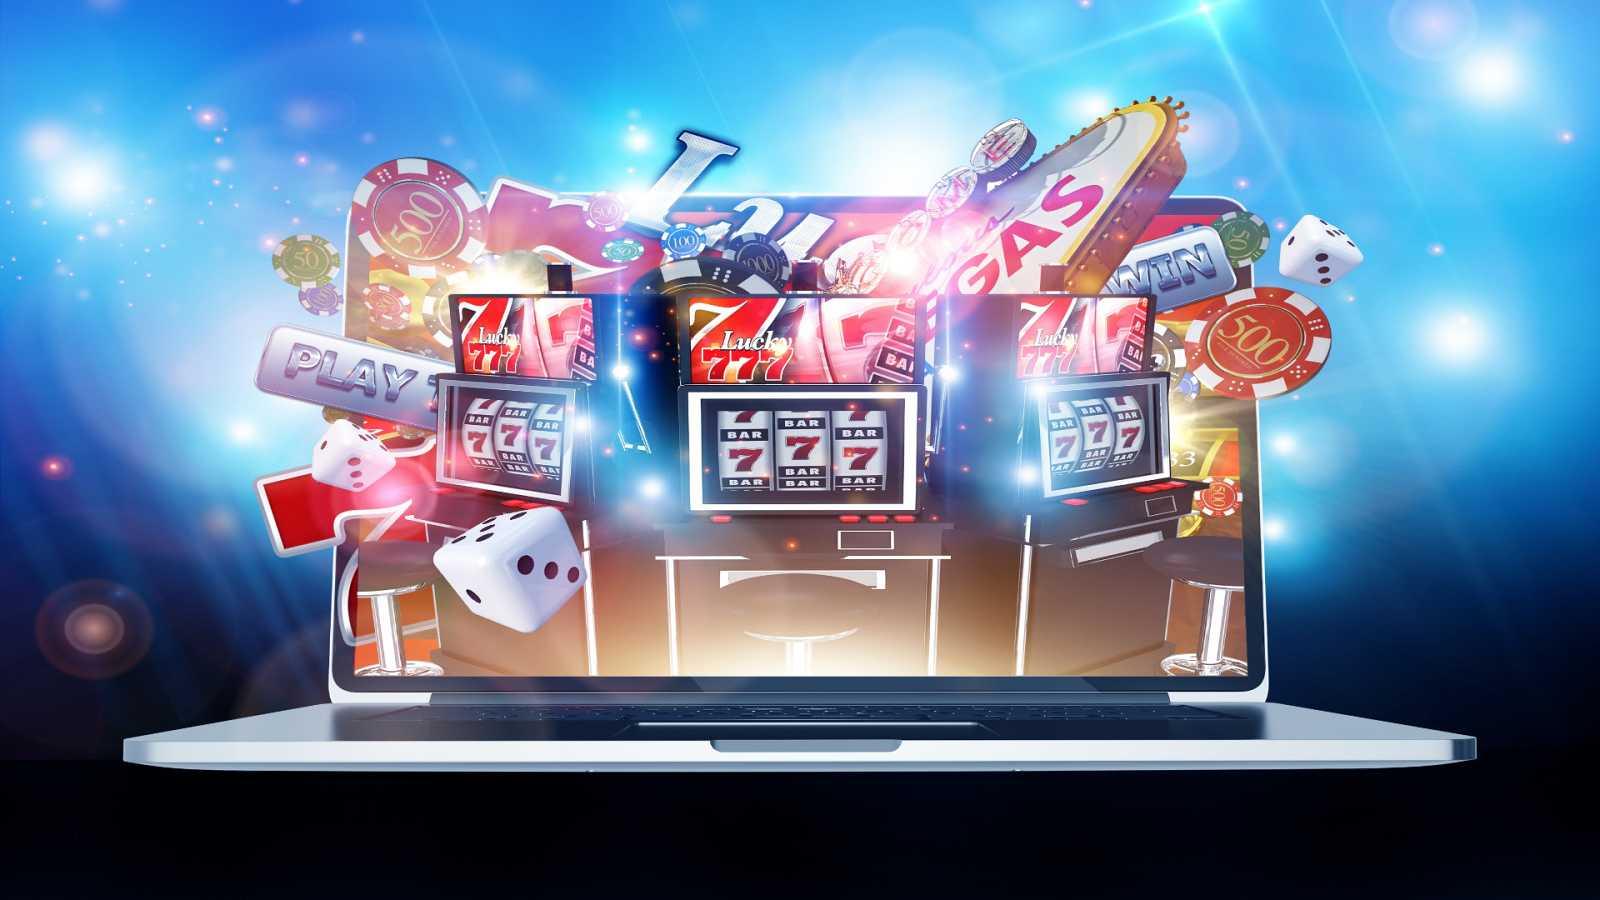 Seguridad del internáuta -  Cuentas de juegos on line - 19/02/21 - Escuchar ahora